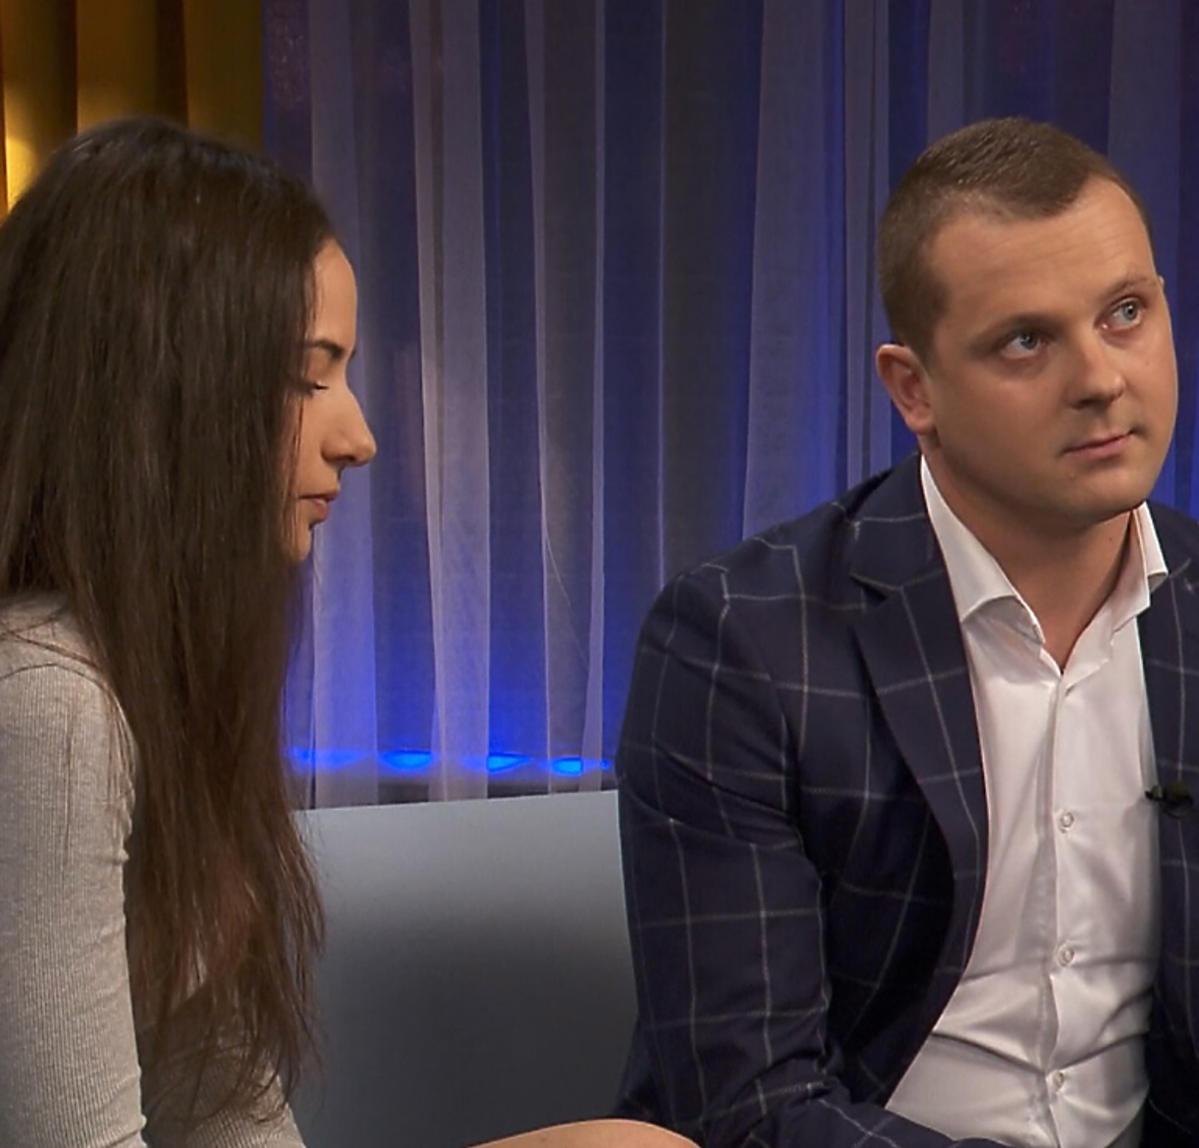 MArlena i Seweryn Rolnik szuka żony 6